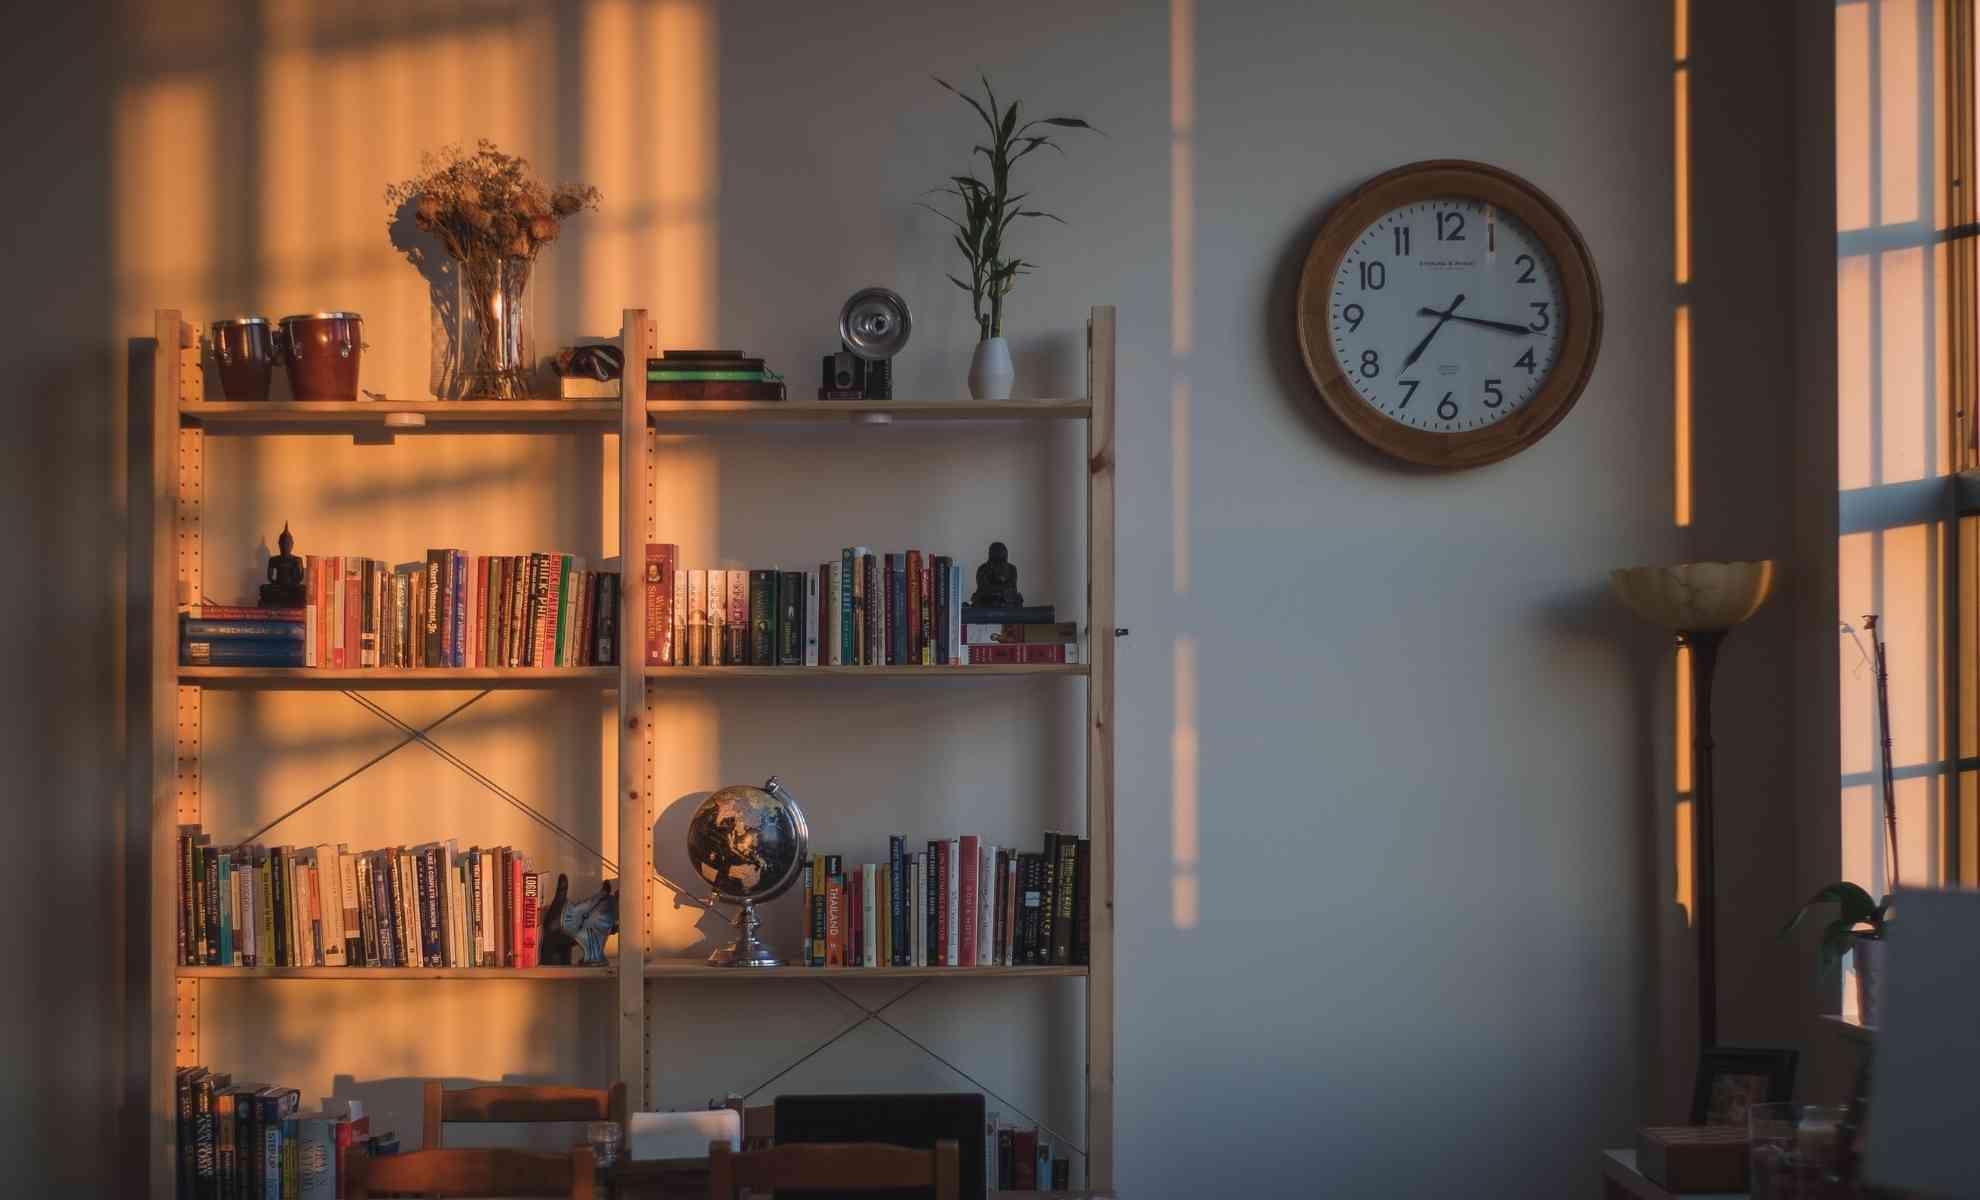 decoração com livros em estilo natural em estante de madeira, relógio de parede